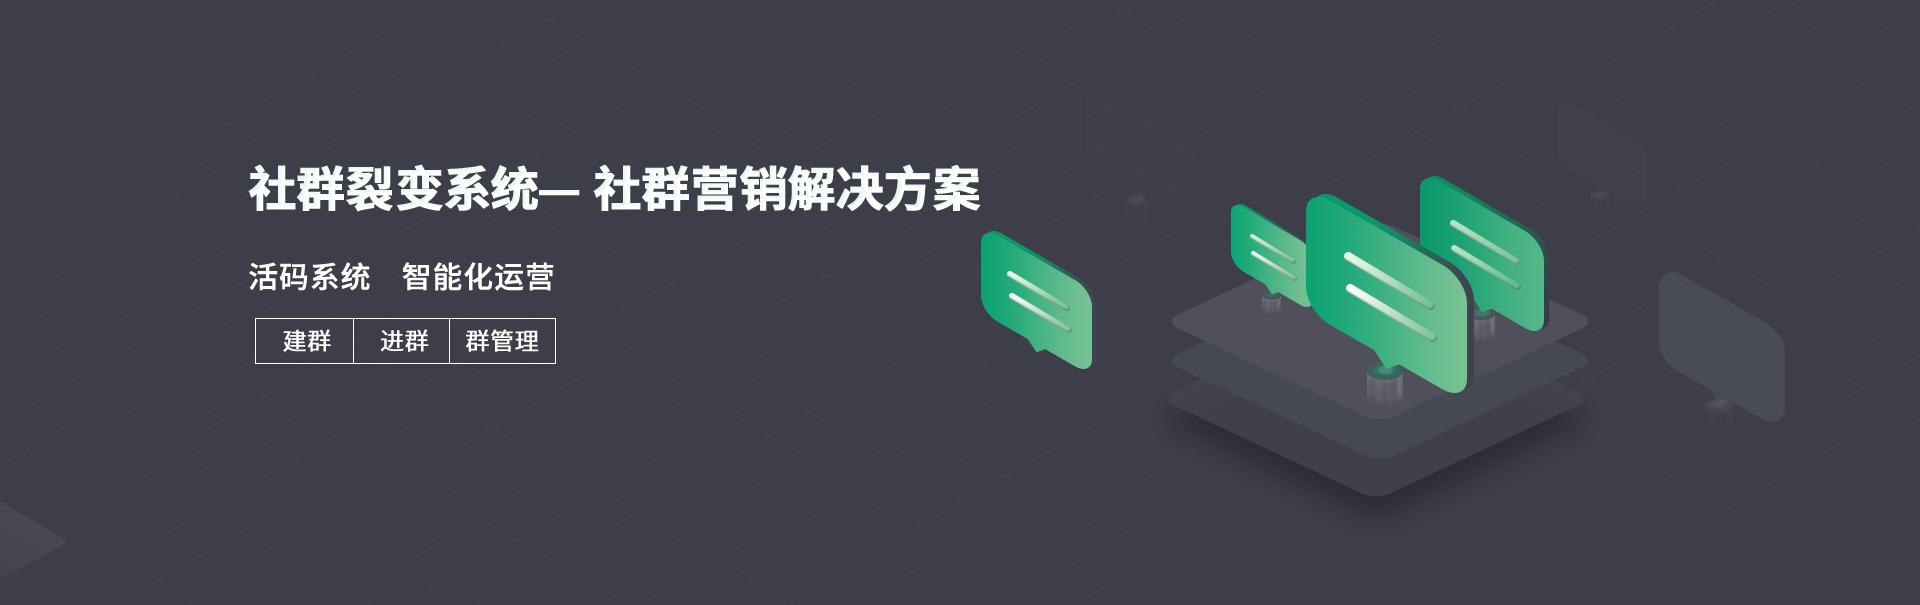 群活码——社群运营自动化